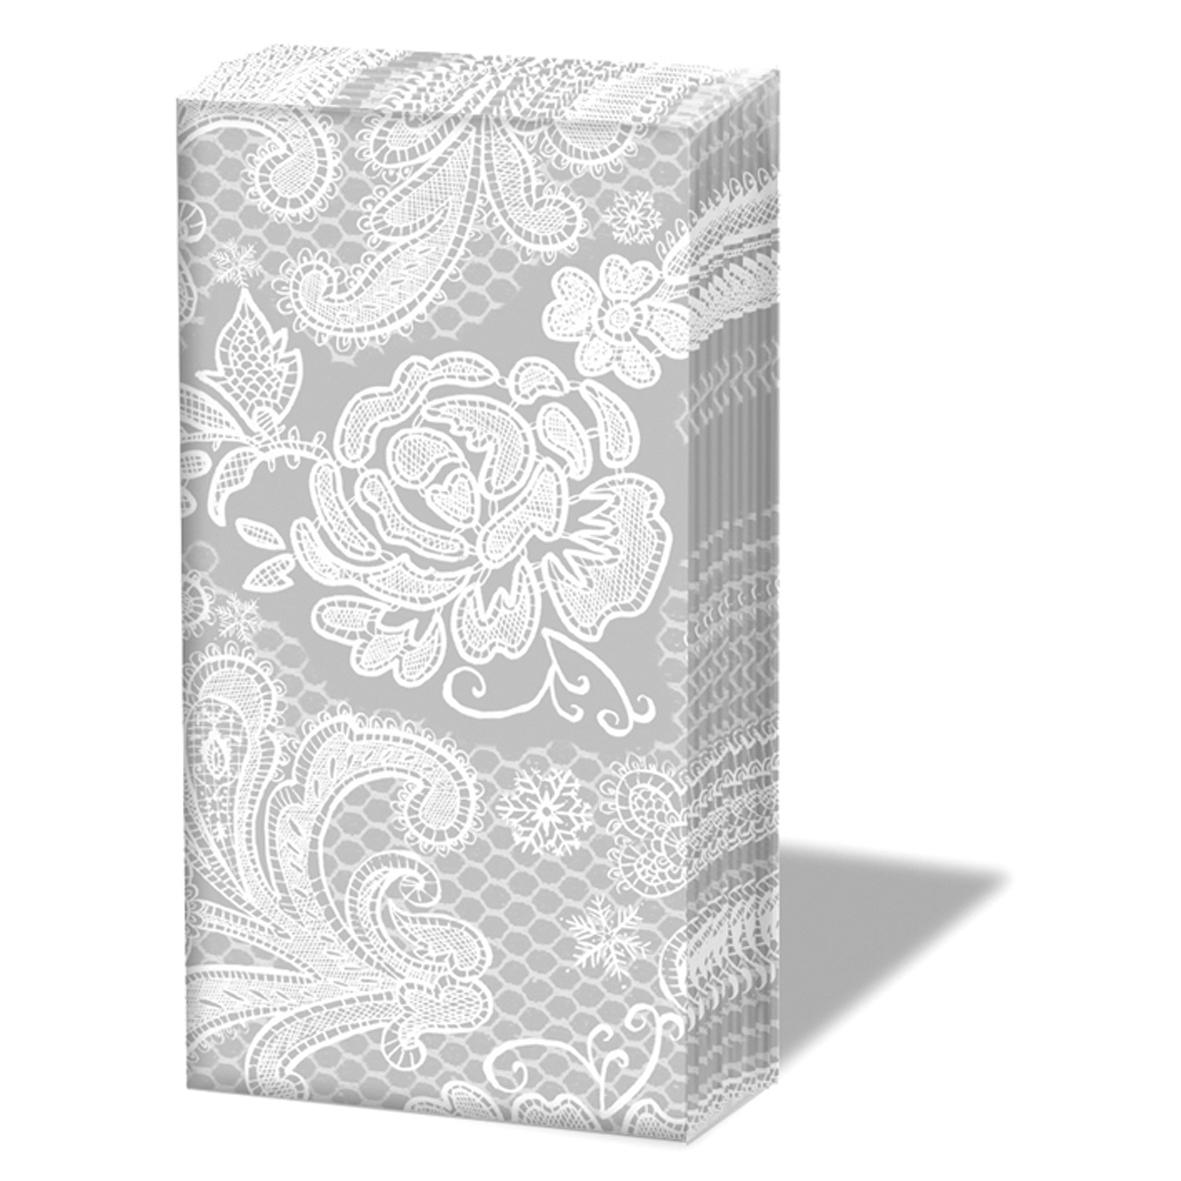 Taschentücher / Motive,  Sonstiges,  Blumen,  Everyday,  bedruckte papiertaschentücher